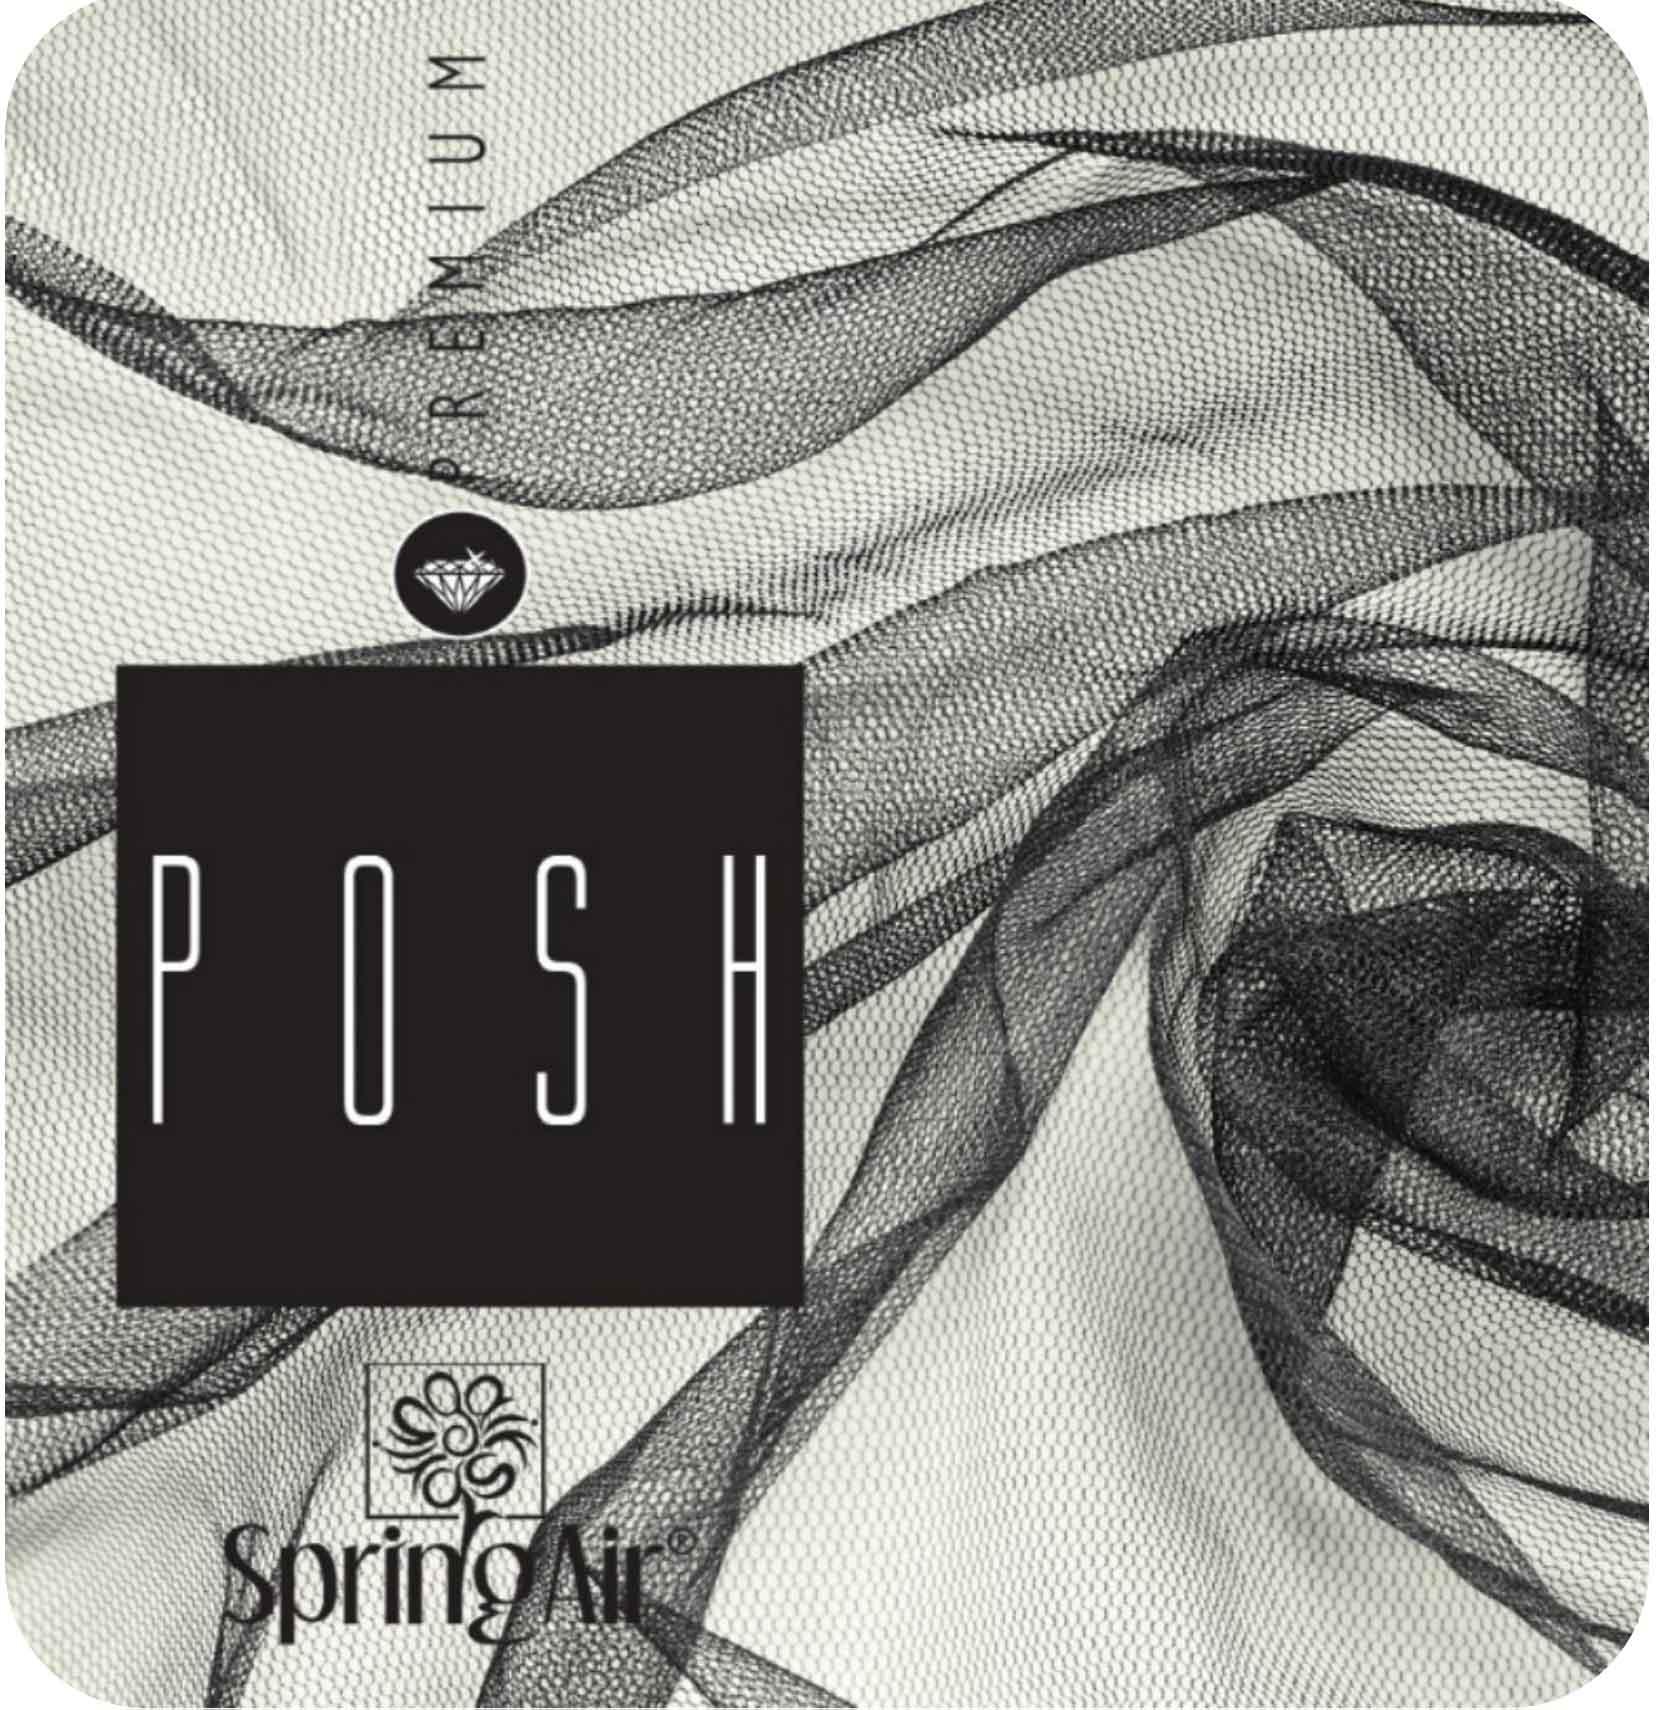 posh (1)